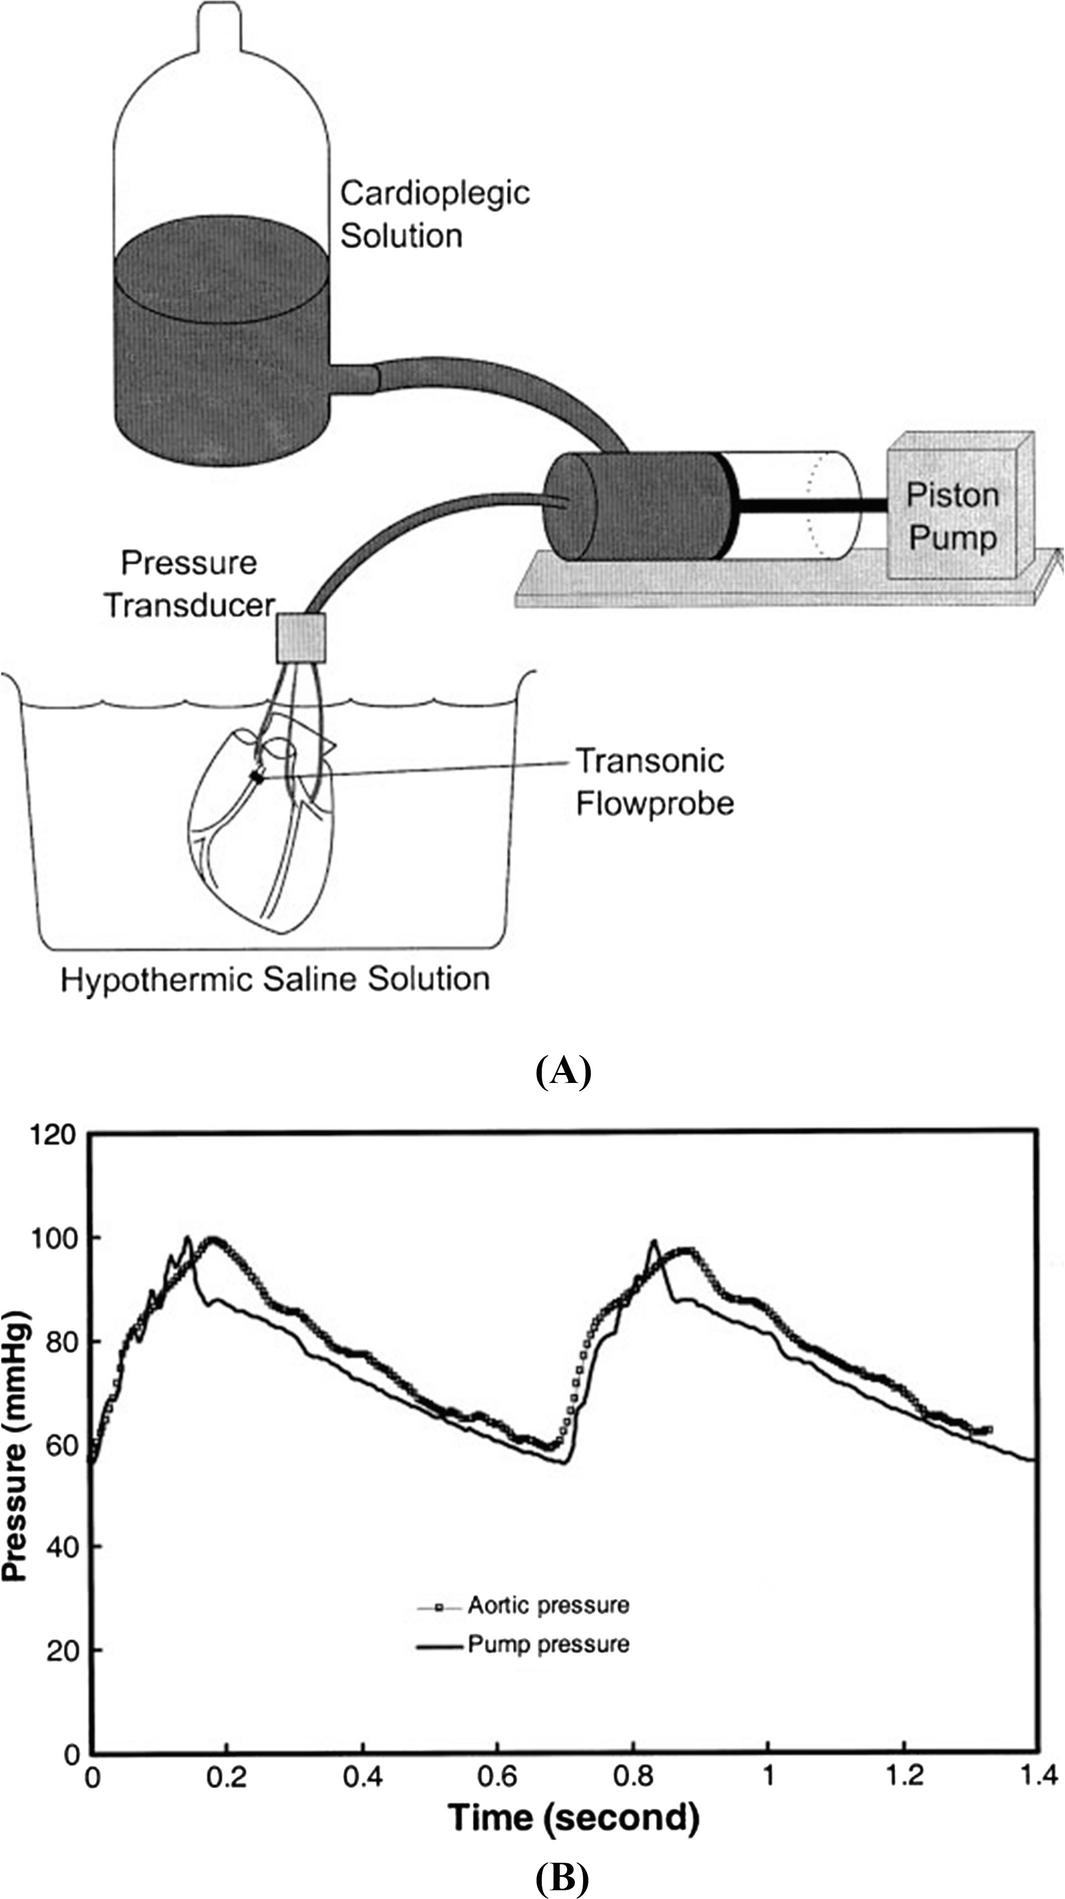 Network ysis of Coronary Circulation: II. Pulsatile Flow ... on